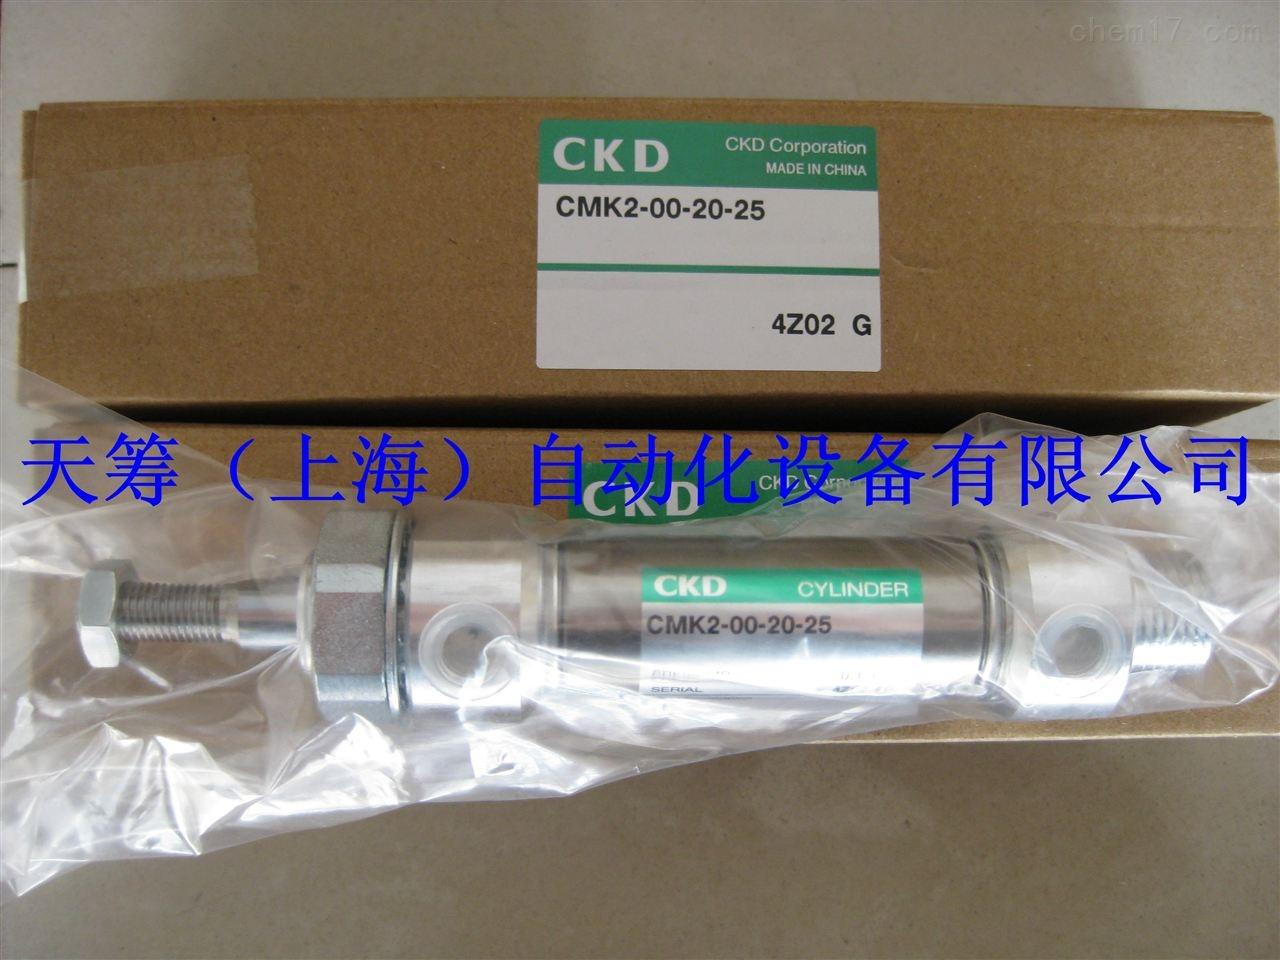 CKD紧固型气缸CMK2-00-20-25